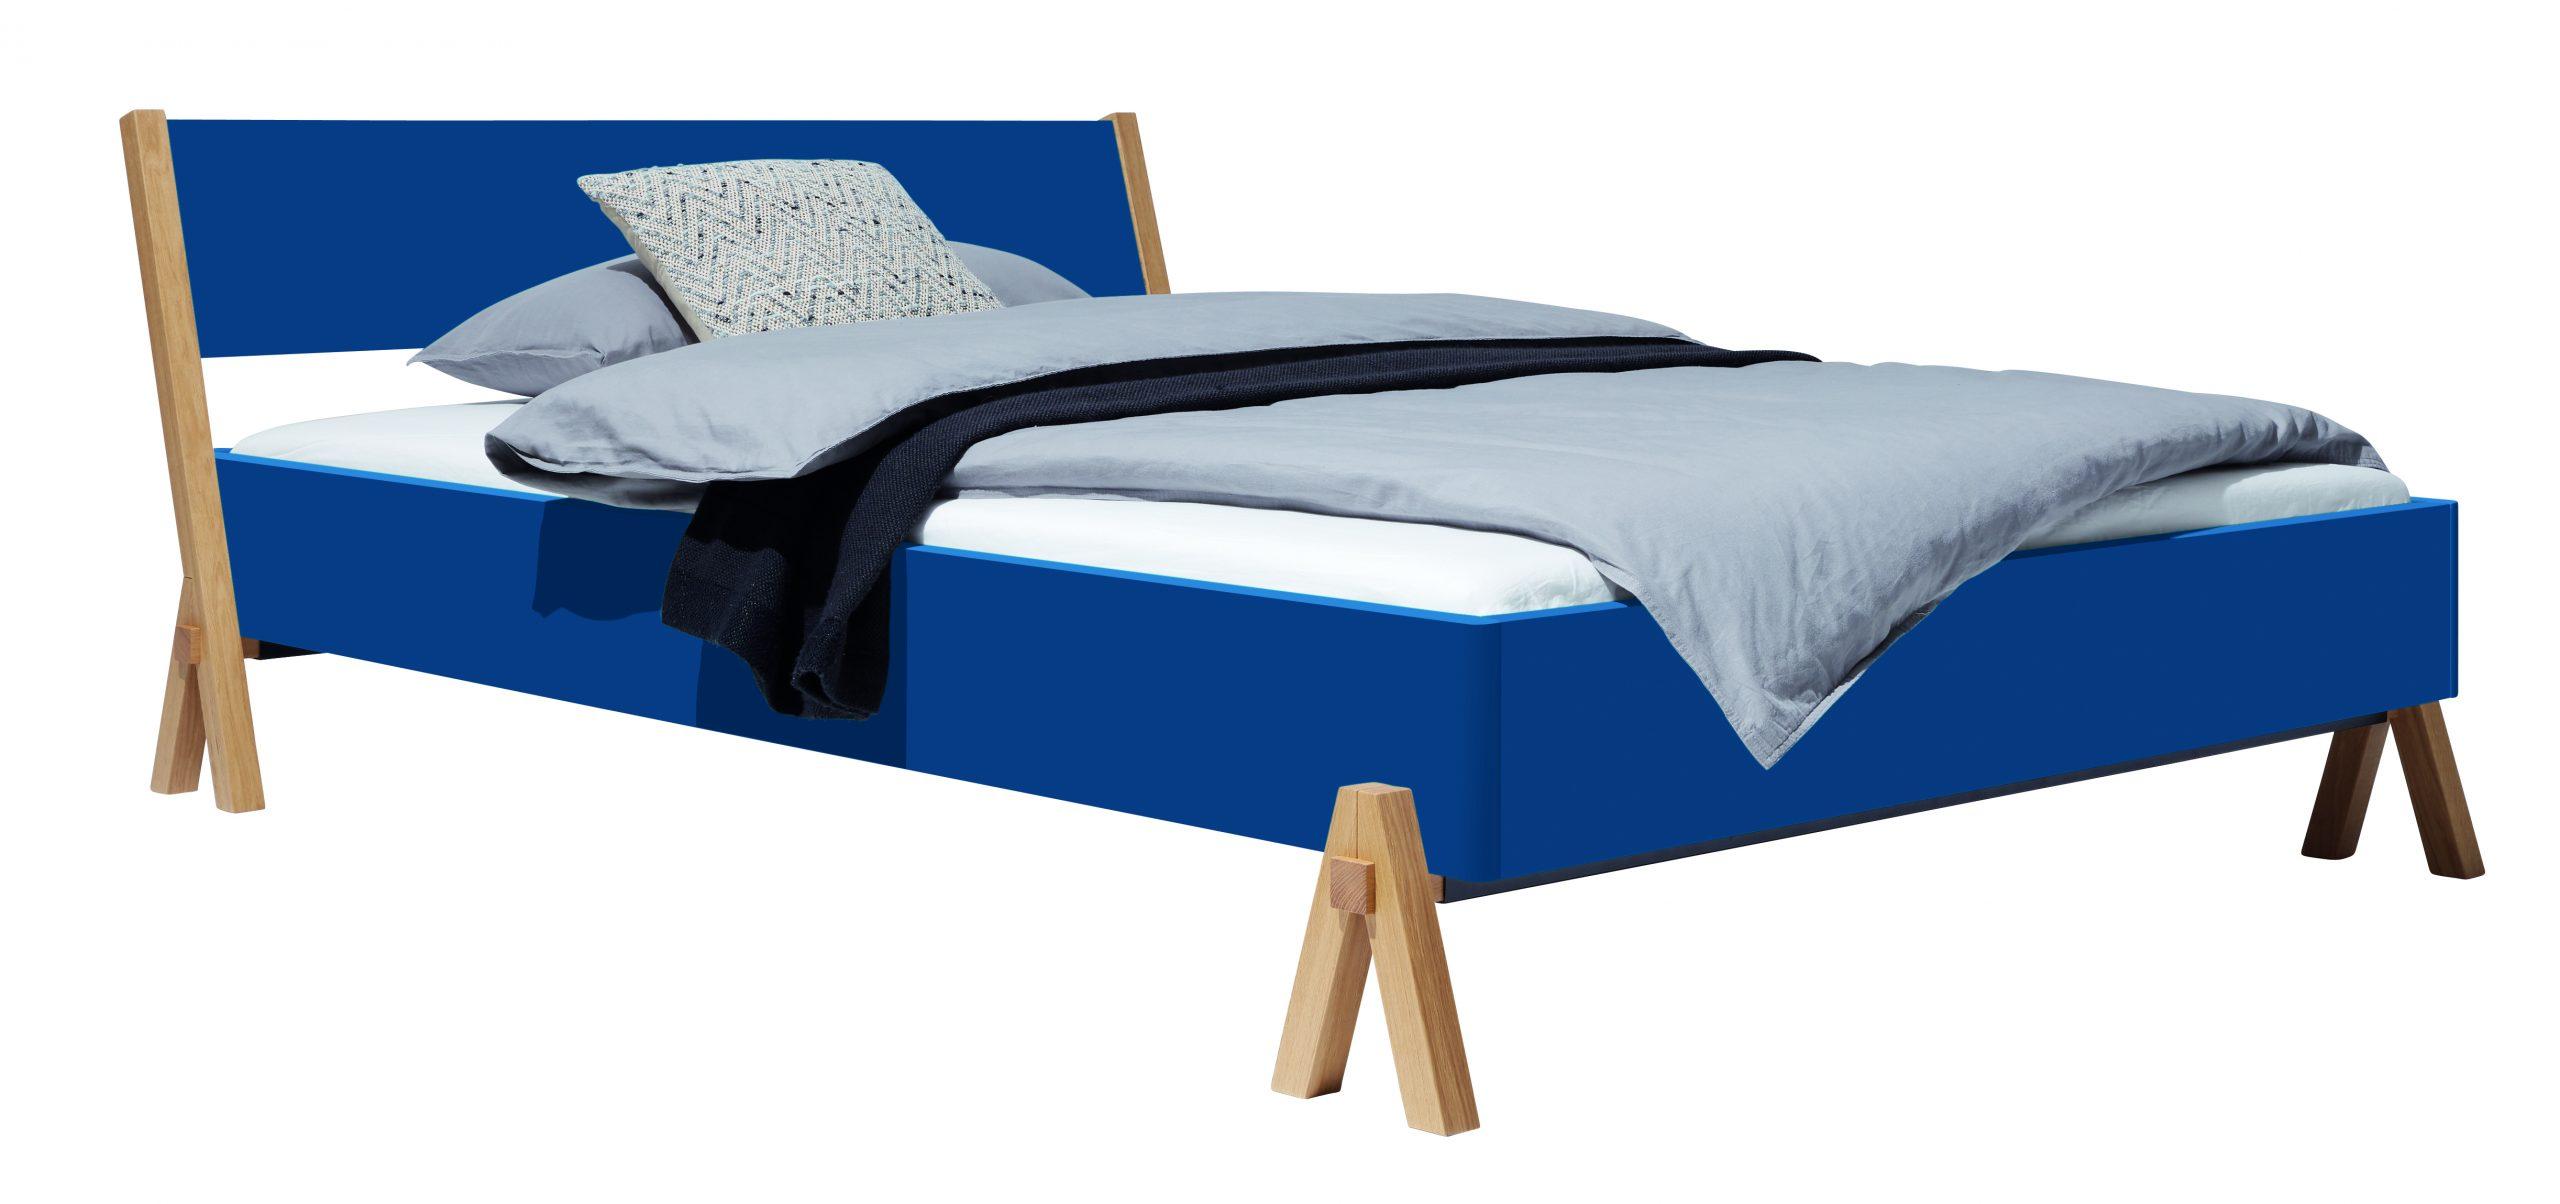 Full Size of Bett Minimalistisch 200x200 Mit Bettkasten Schwarz Weiß 140x200 Flexa Betten Holz Rauch Unterbett Bopita Japanisches Bette Floor Somnus Schubladen Bett Bett Minimalistisch